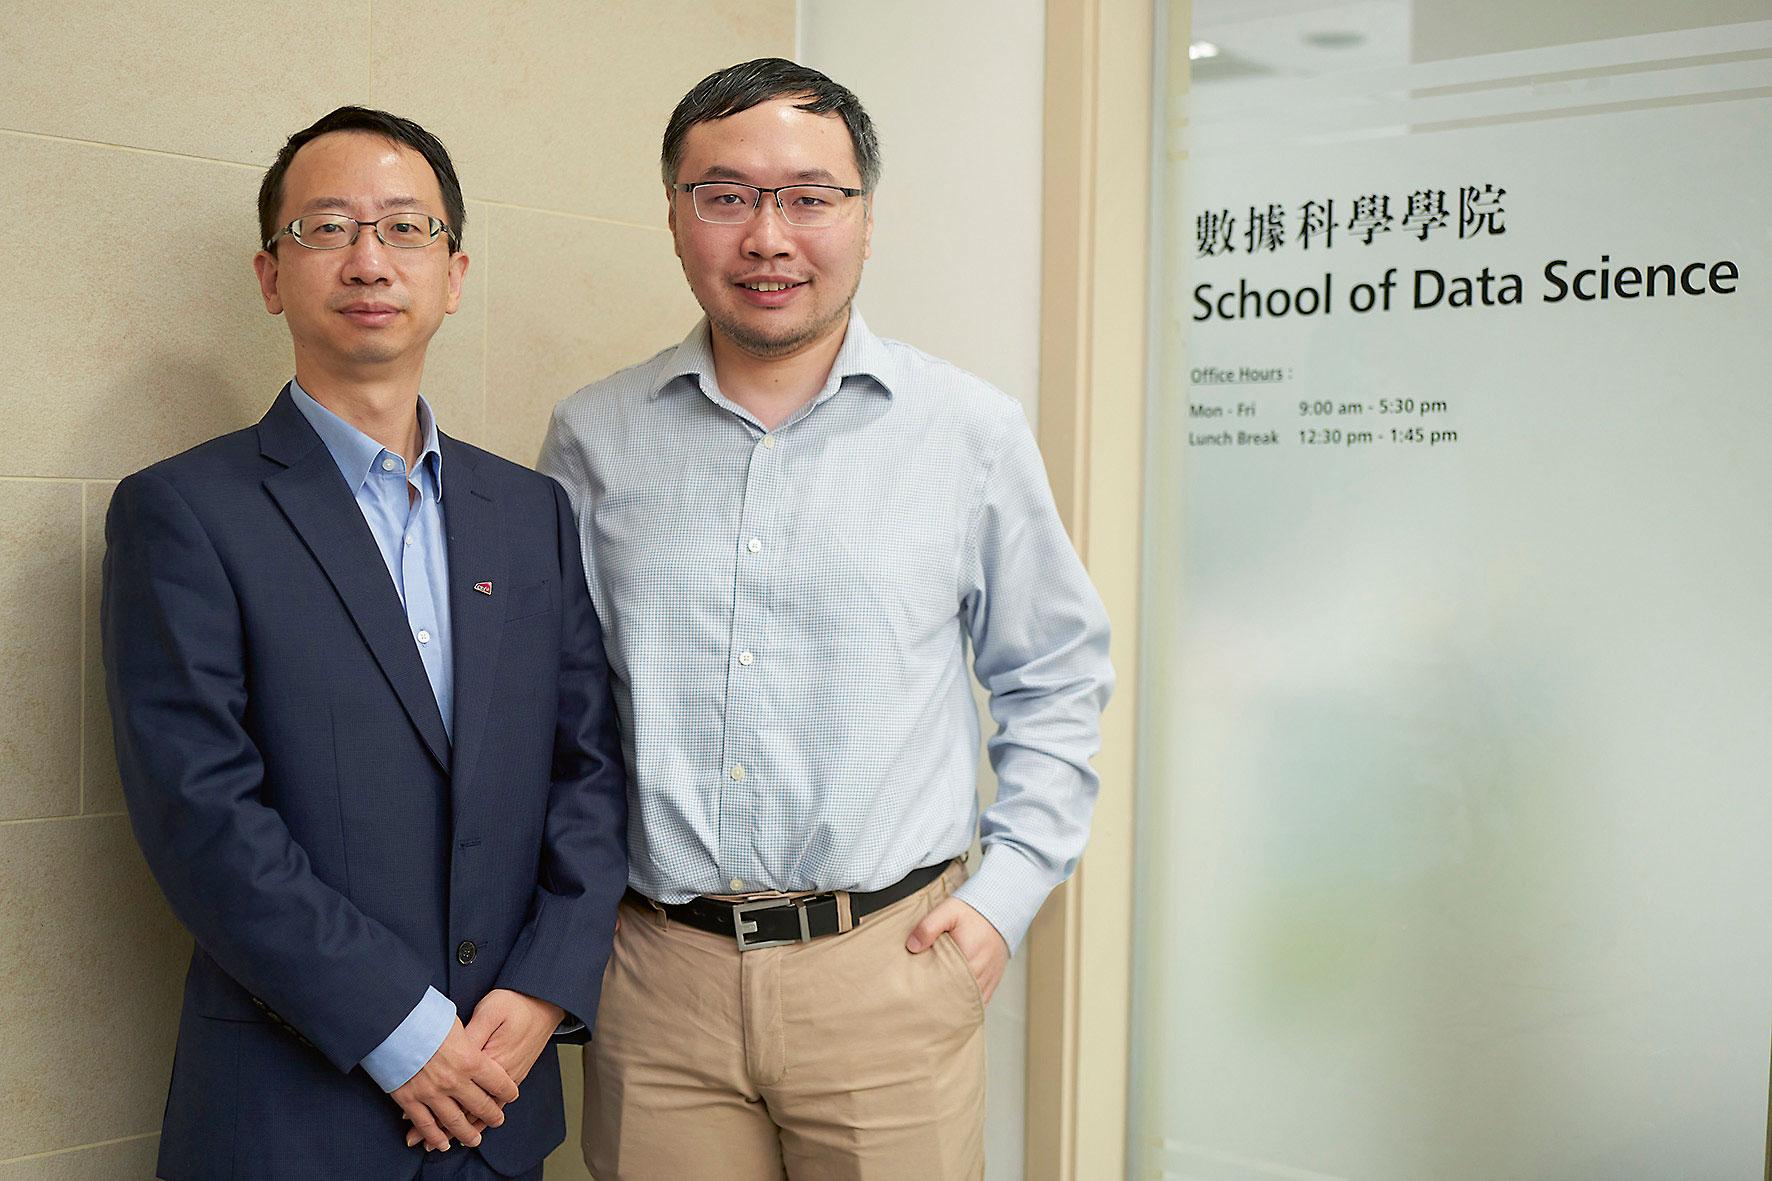 左起:城大數據科 學學院副教授兼課程主任周翔博士和張子鈞博士